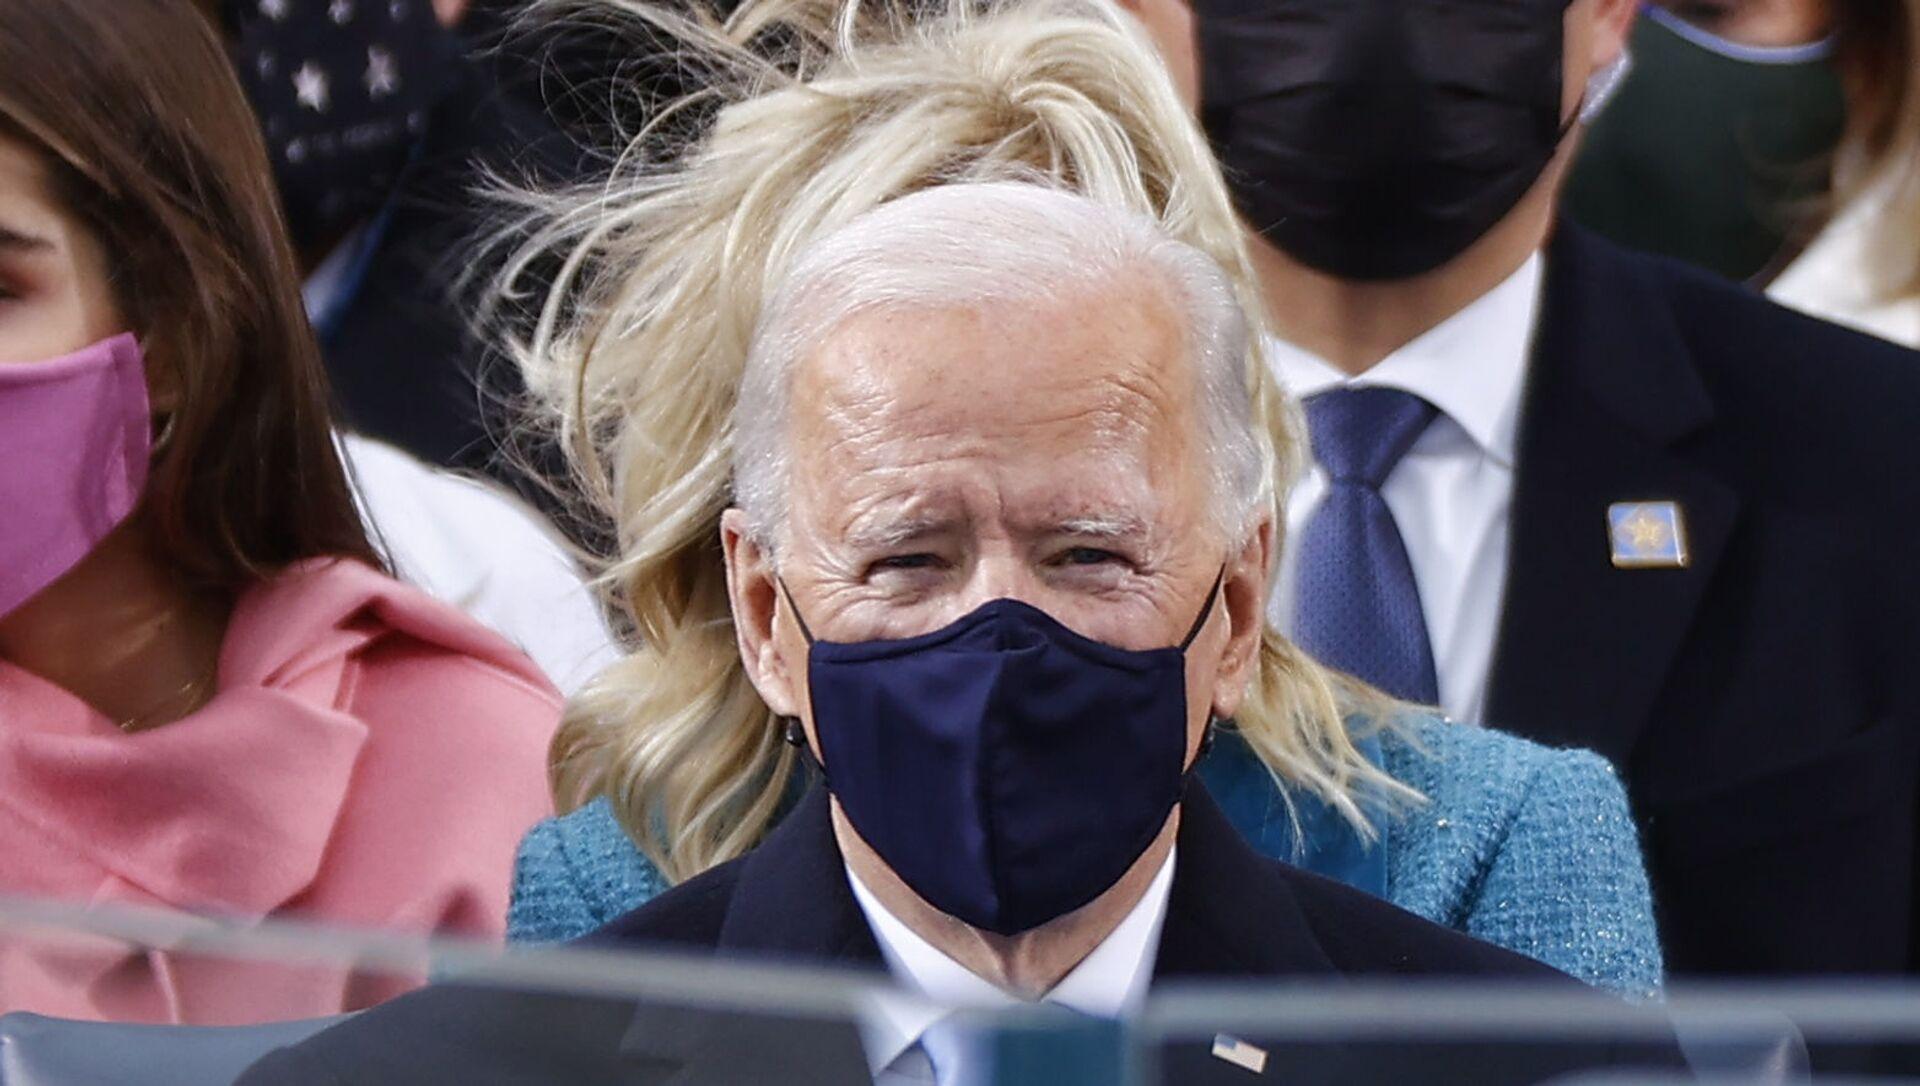 Joe Biden w masce podczas inauguracji 20 stycznia 2021 roku - Sputnik Polska, 1920, 01.02.2021